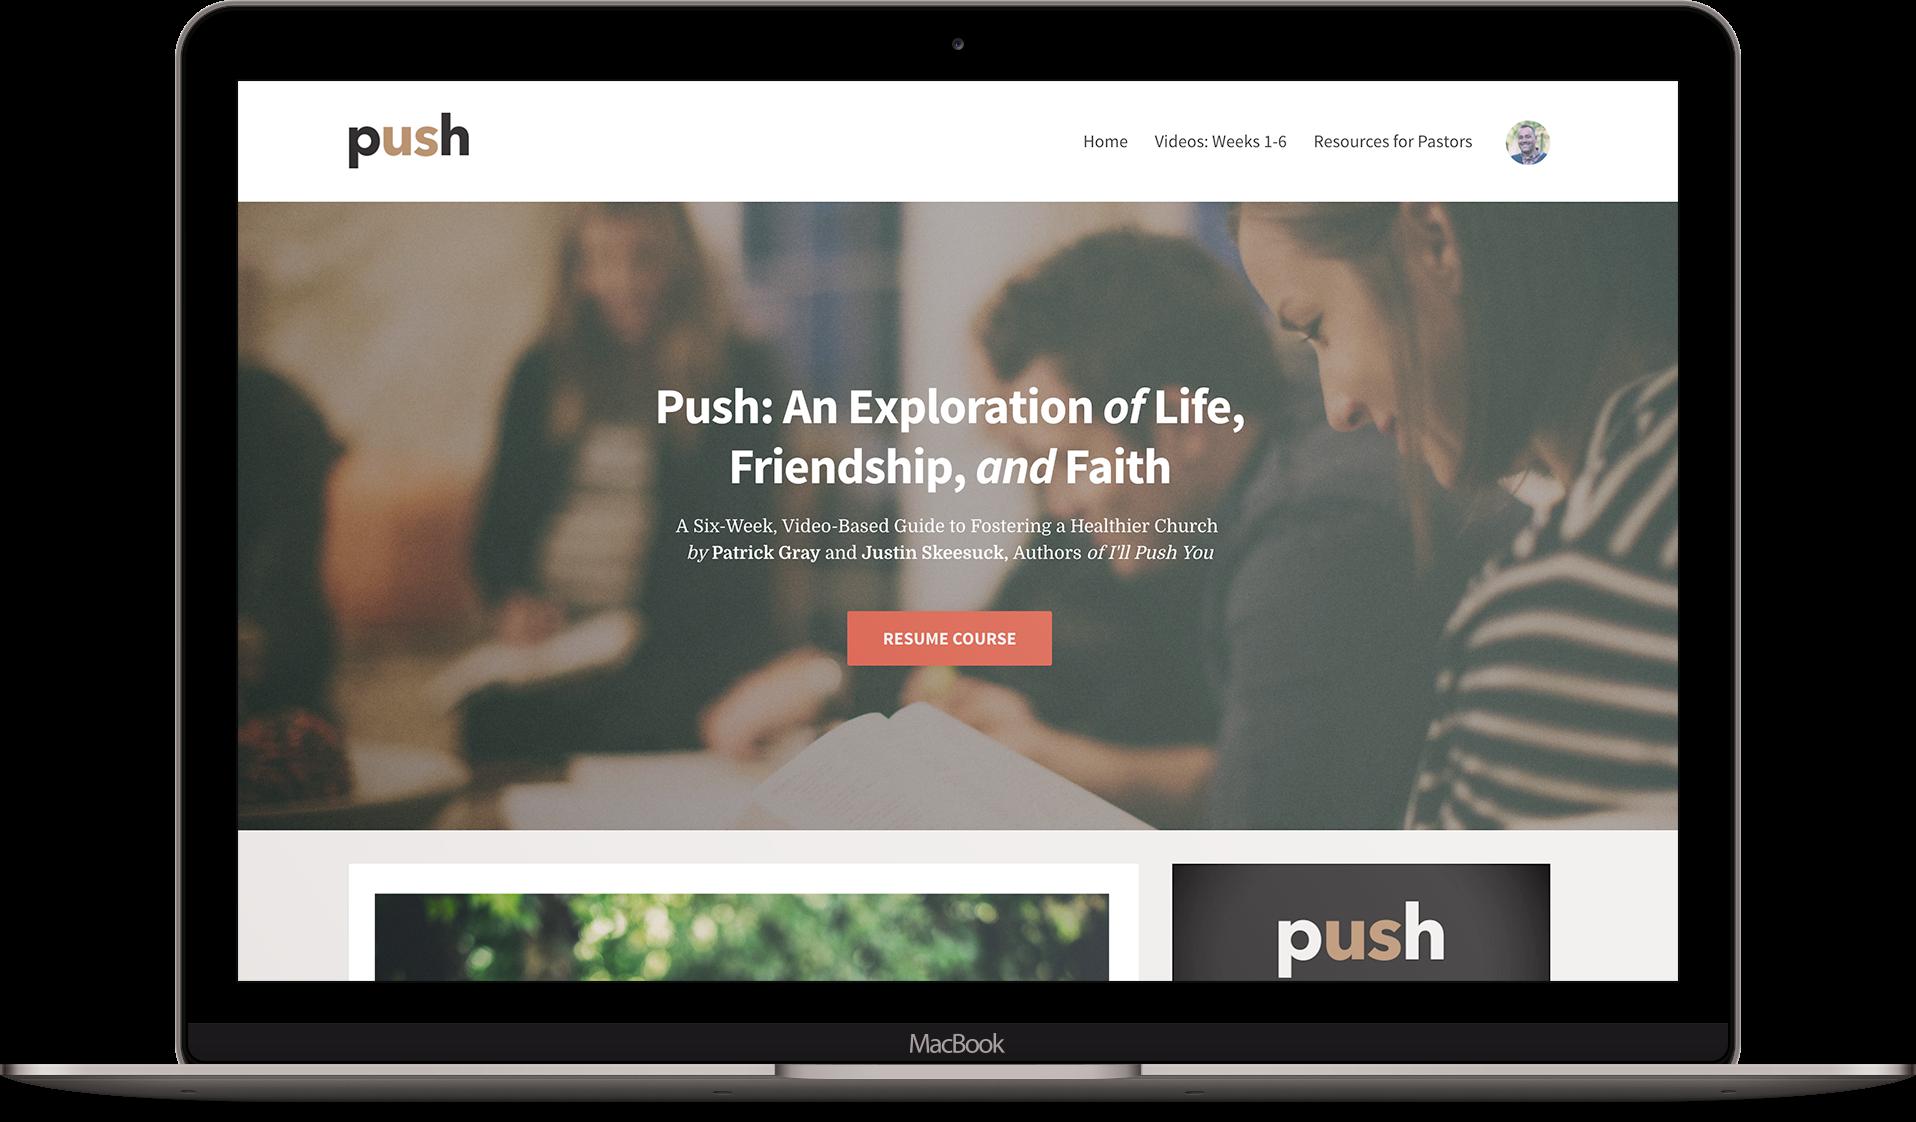 Push: An Exploration Of Life, Friendship, And Faith